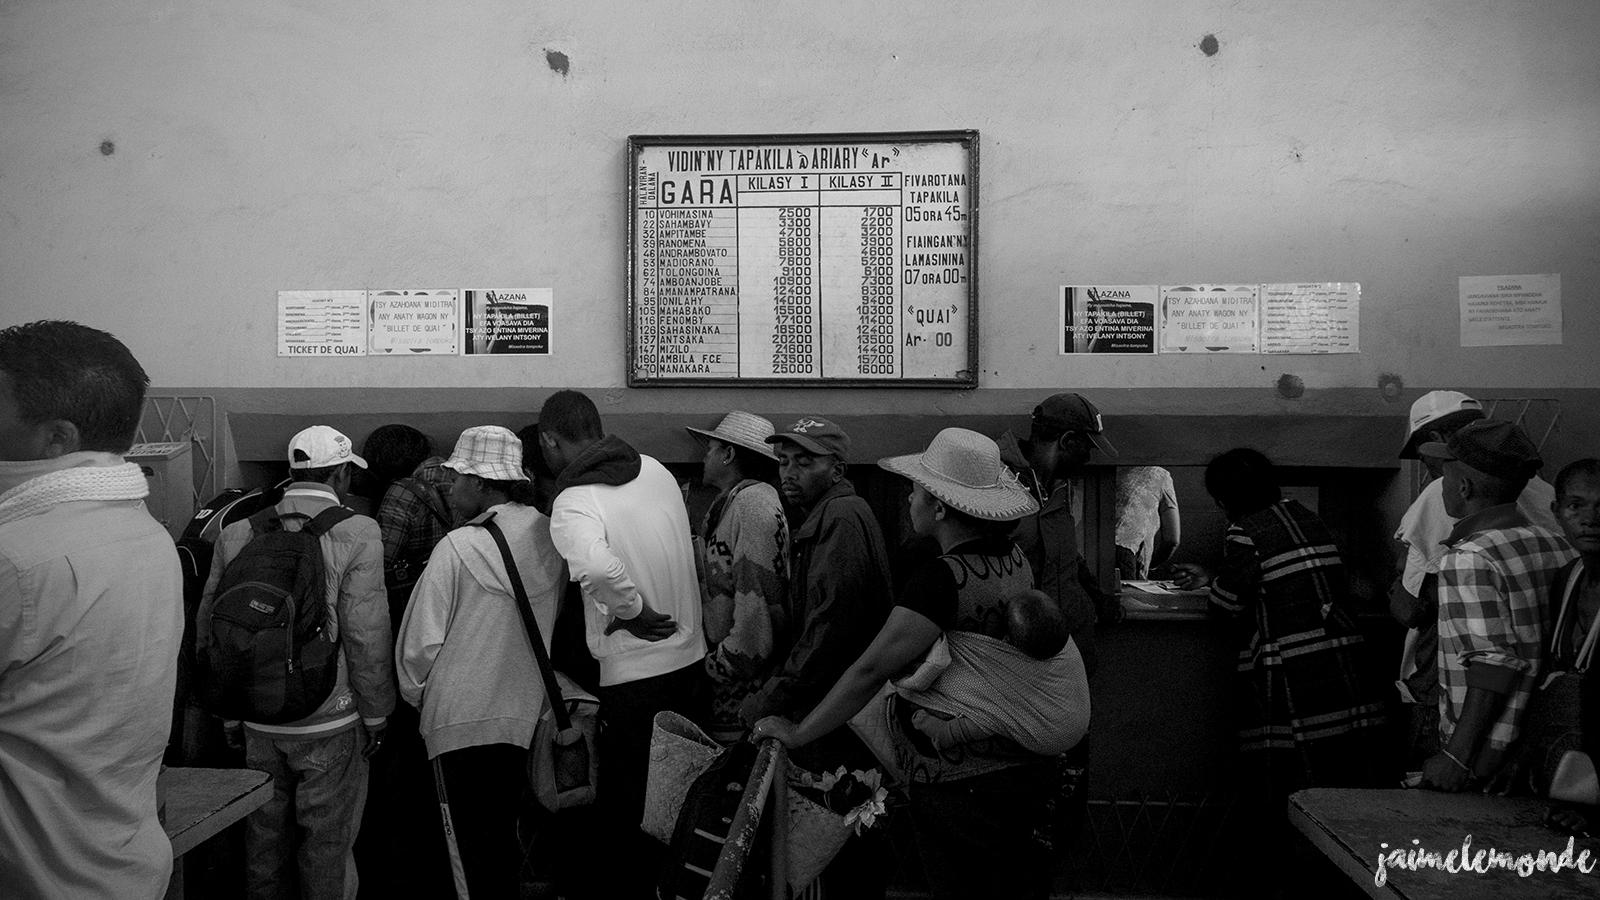 madagascar-nb-2016-jaimelemonde-13